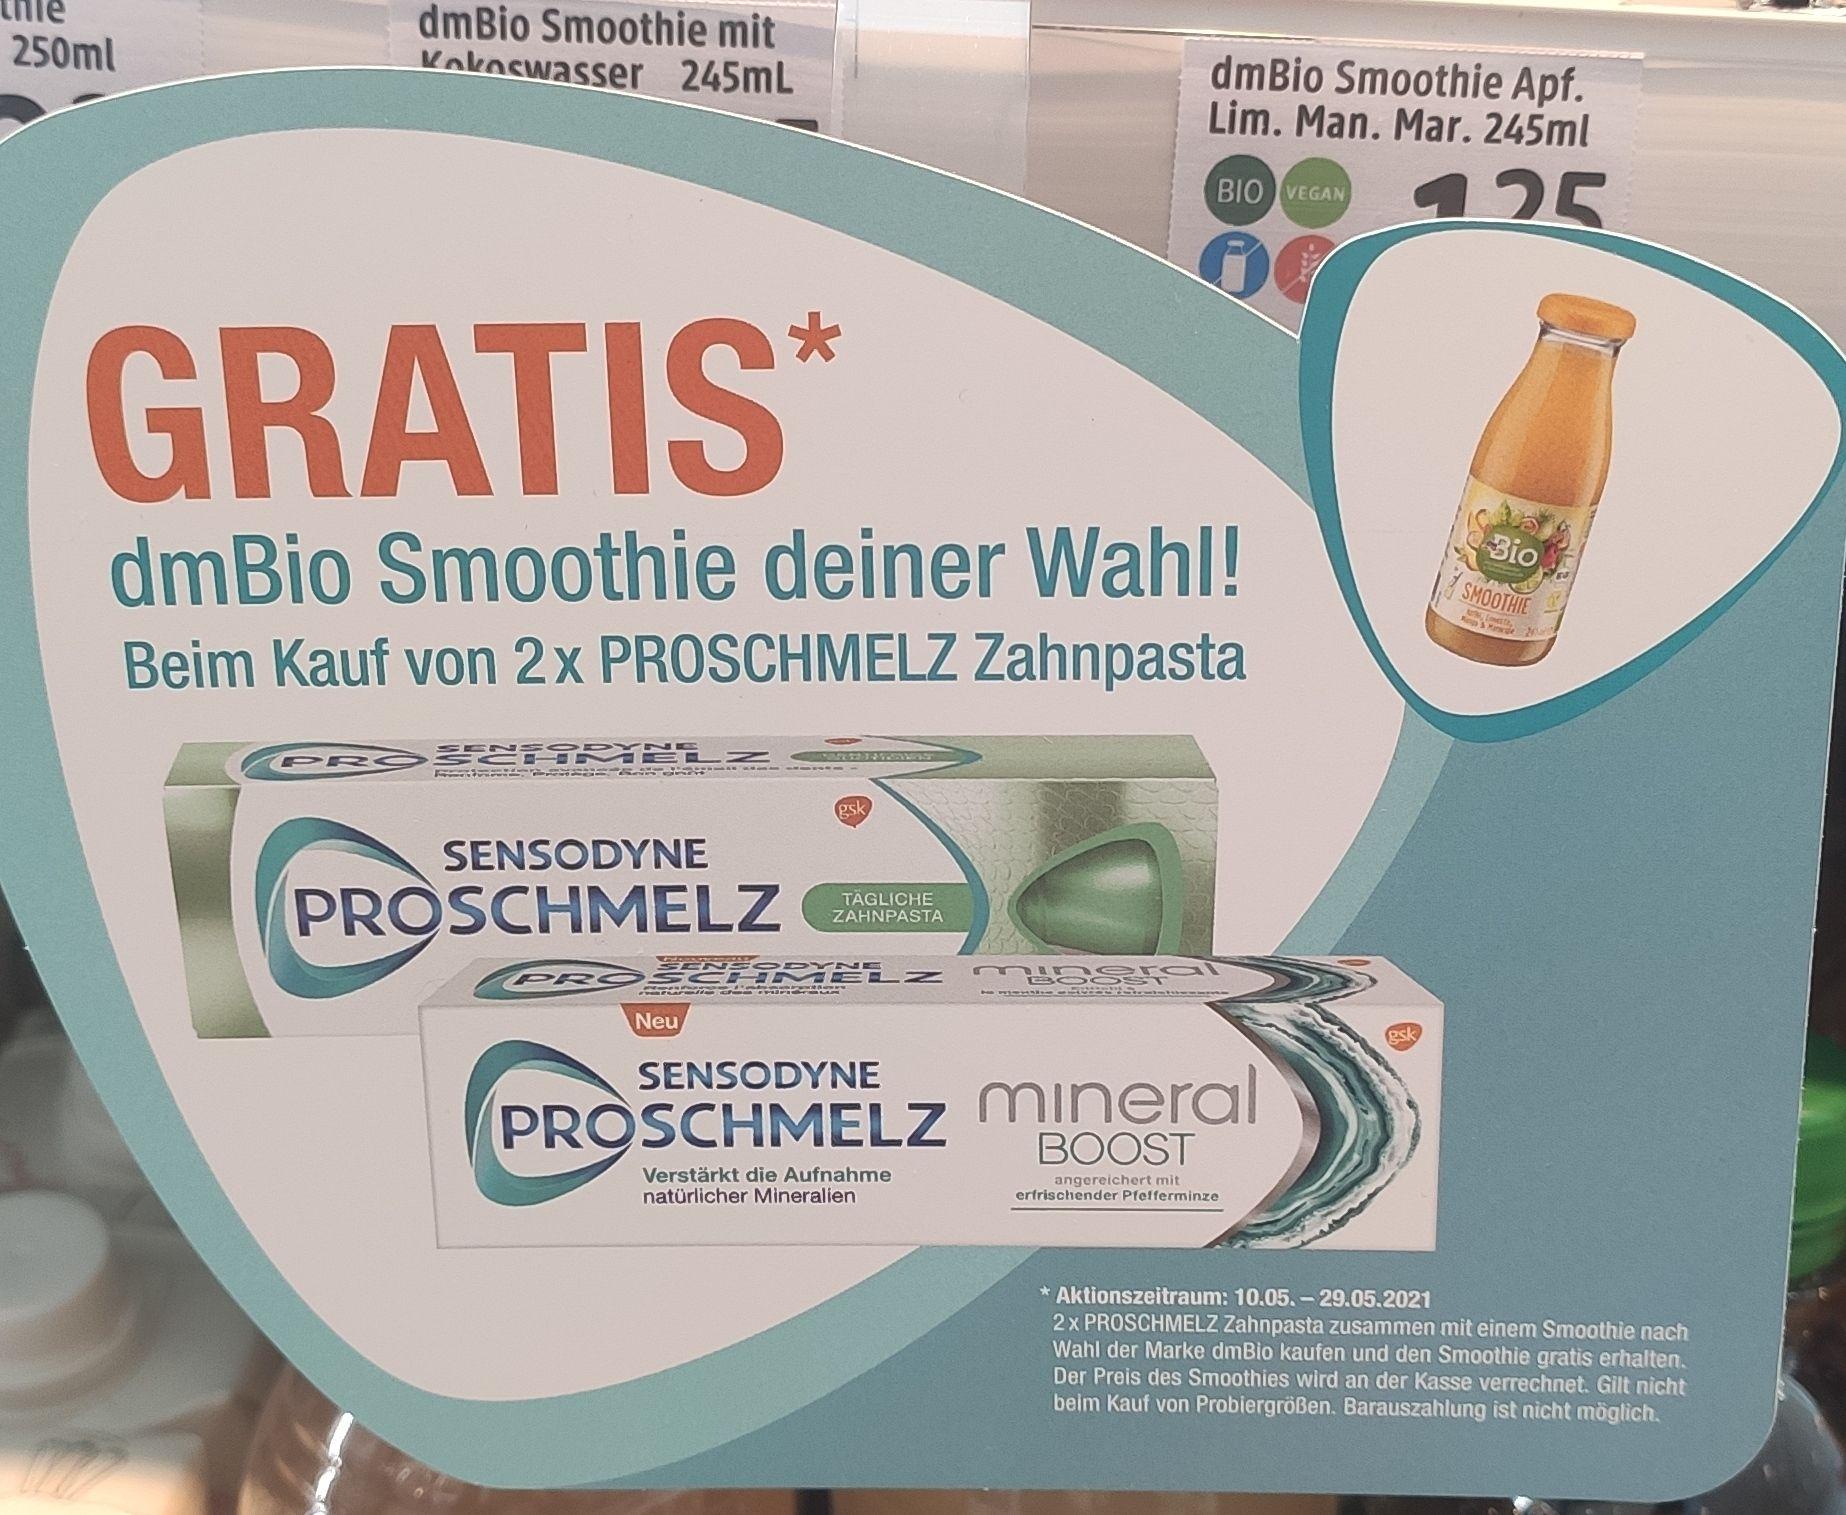 [dm] 2x Sensodyne Pro Schmelz Zahnpasta kaufen und dmBio Smoothie gratis dazu